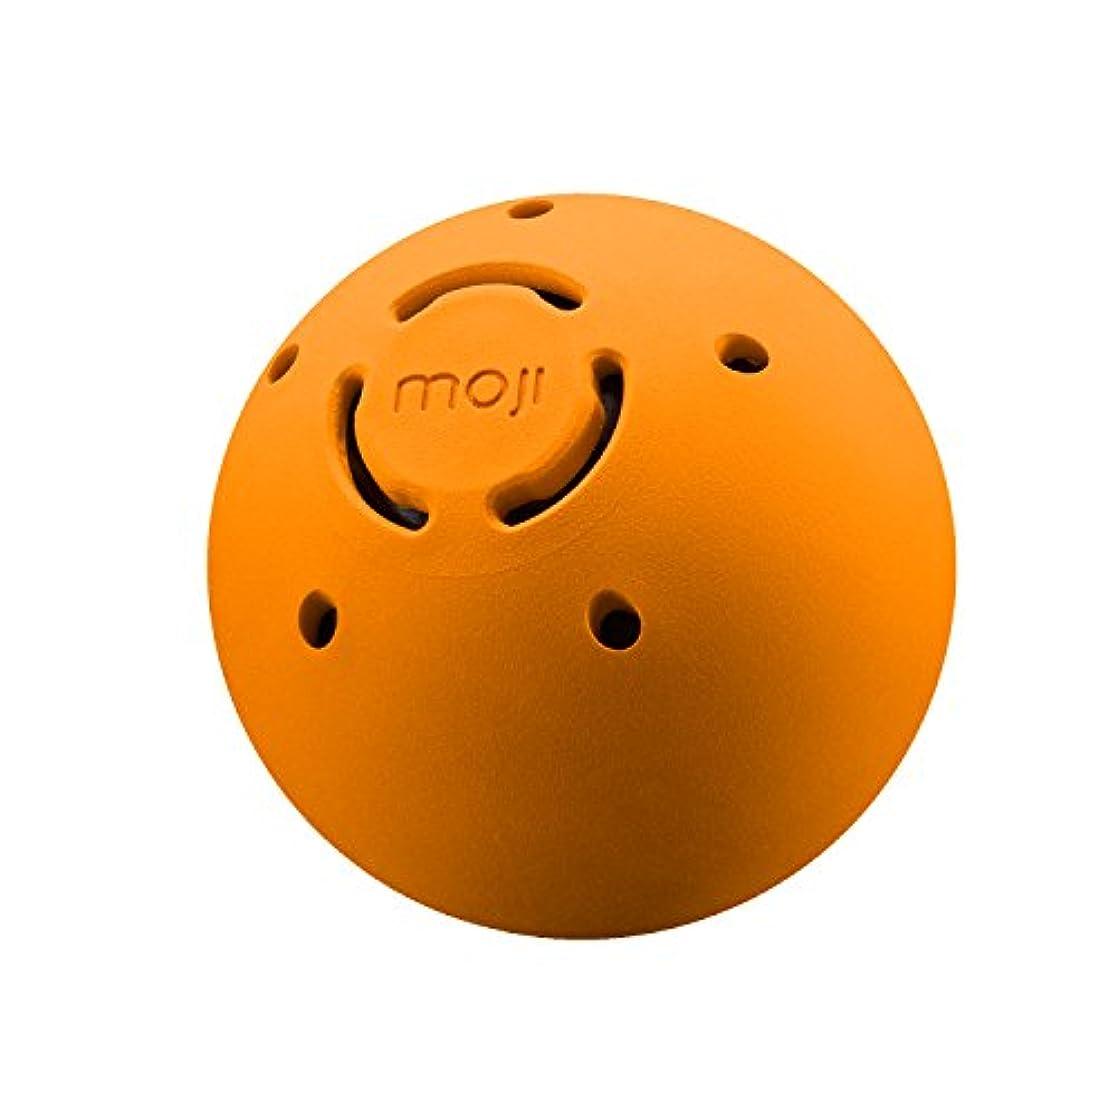 延ばす銀行秀でる温熱 マッサージボール 筋肉の痛み 筋肉をほぐす 血流促進 MojiHeat Massage Ball (Large)